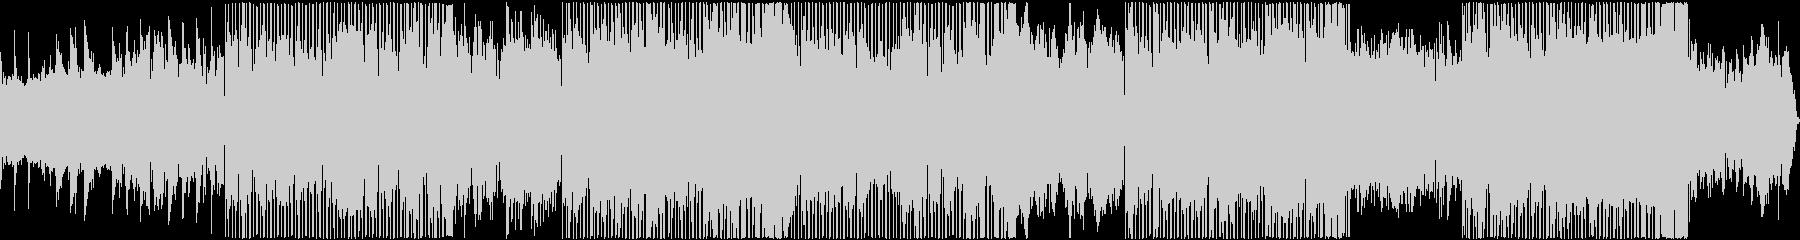 女性が歌う KAWAII系 R&Bポップの未再生の波形